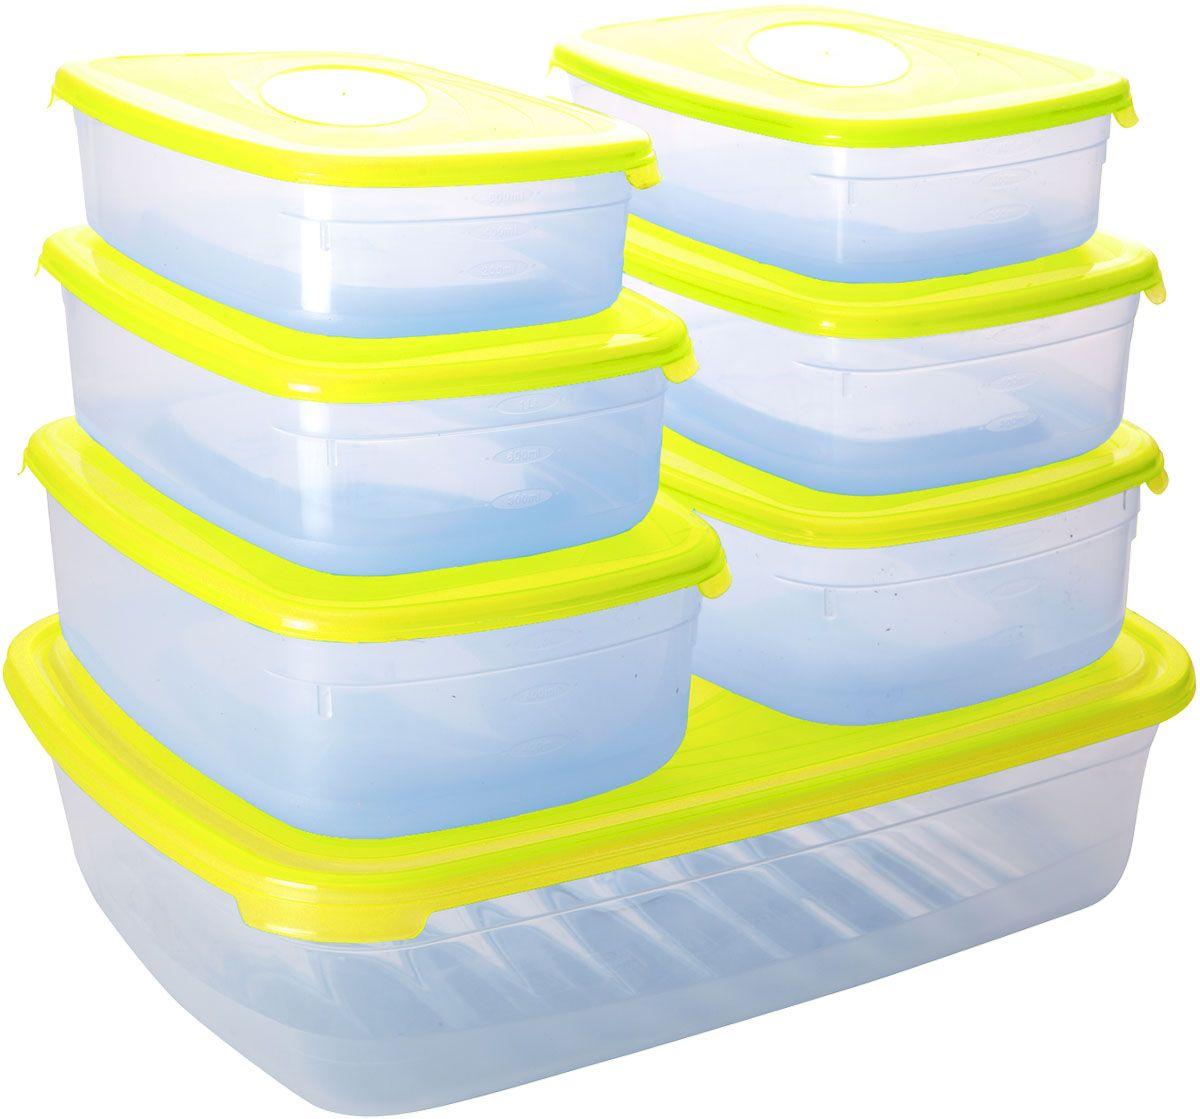 Набор контейнеров для СВЧ Plastic Centre Galaxy, с крышками, 7 штПЦ2225ЛМННабор Plastic Centre Galaxy состоит из семи прямоугольных контейнеров для СВЧ, изготовленных из высококачественного полипропилена, который выдерживает температуру от -40°С до + 110°С. Стенки емкостей прозрачные. Контейнеры оснащены цветными крышками, которые плотно закрываются, поэтому продукты остаются дольше свежими и вкусными. Емкости удобно брать с собой на работу, учебу, пикник или просто использовать для хранения пищи в холодильнике. Можно использовать в микроволновой печи. Можно мыть в посудомоечной машине. Размер контейнера на 0,75 л (без учета крышки): 18,5 х 12 х 4,5 см. Размер контейнера на 1,2 л (без учета крышки): 20,5 х 13 х 5,5 см. Размер контейнера на 1,6 л (без учета крышки): 22 х 15 х 7 см. Размер контейнера на 4,75 л (без учета крышки): 33 х 24,5 х 8,5 см.